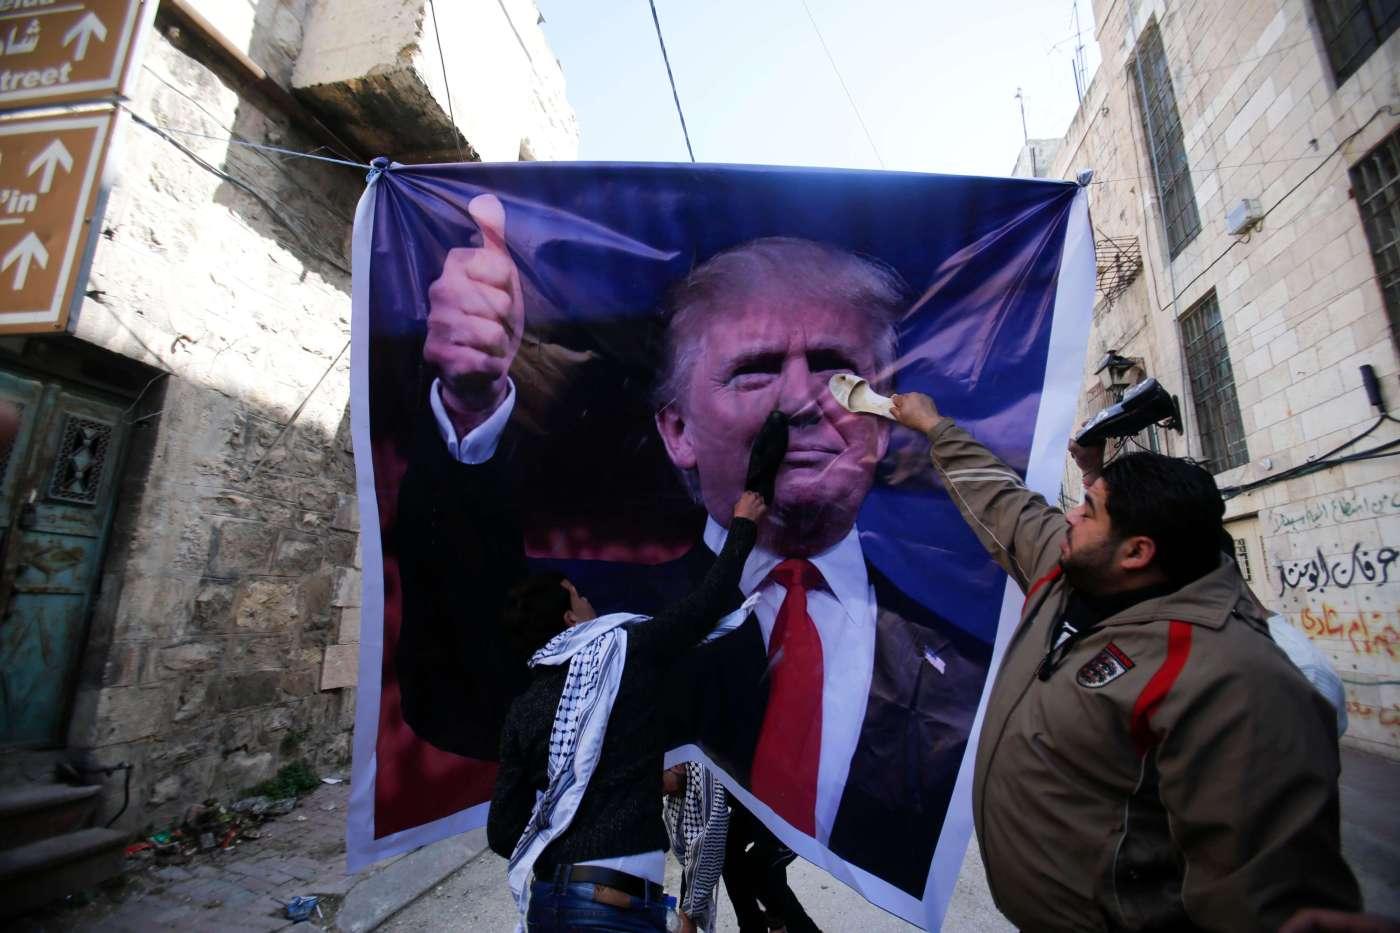 Durante las protestas en la ciudad de Hebrón, algunos palestinos pintaron consignas sobre un cartel del presidente estadounidense Donald Trump . (AP)